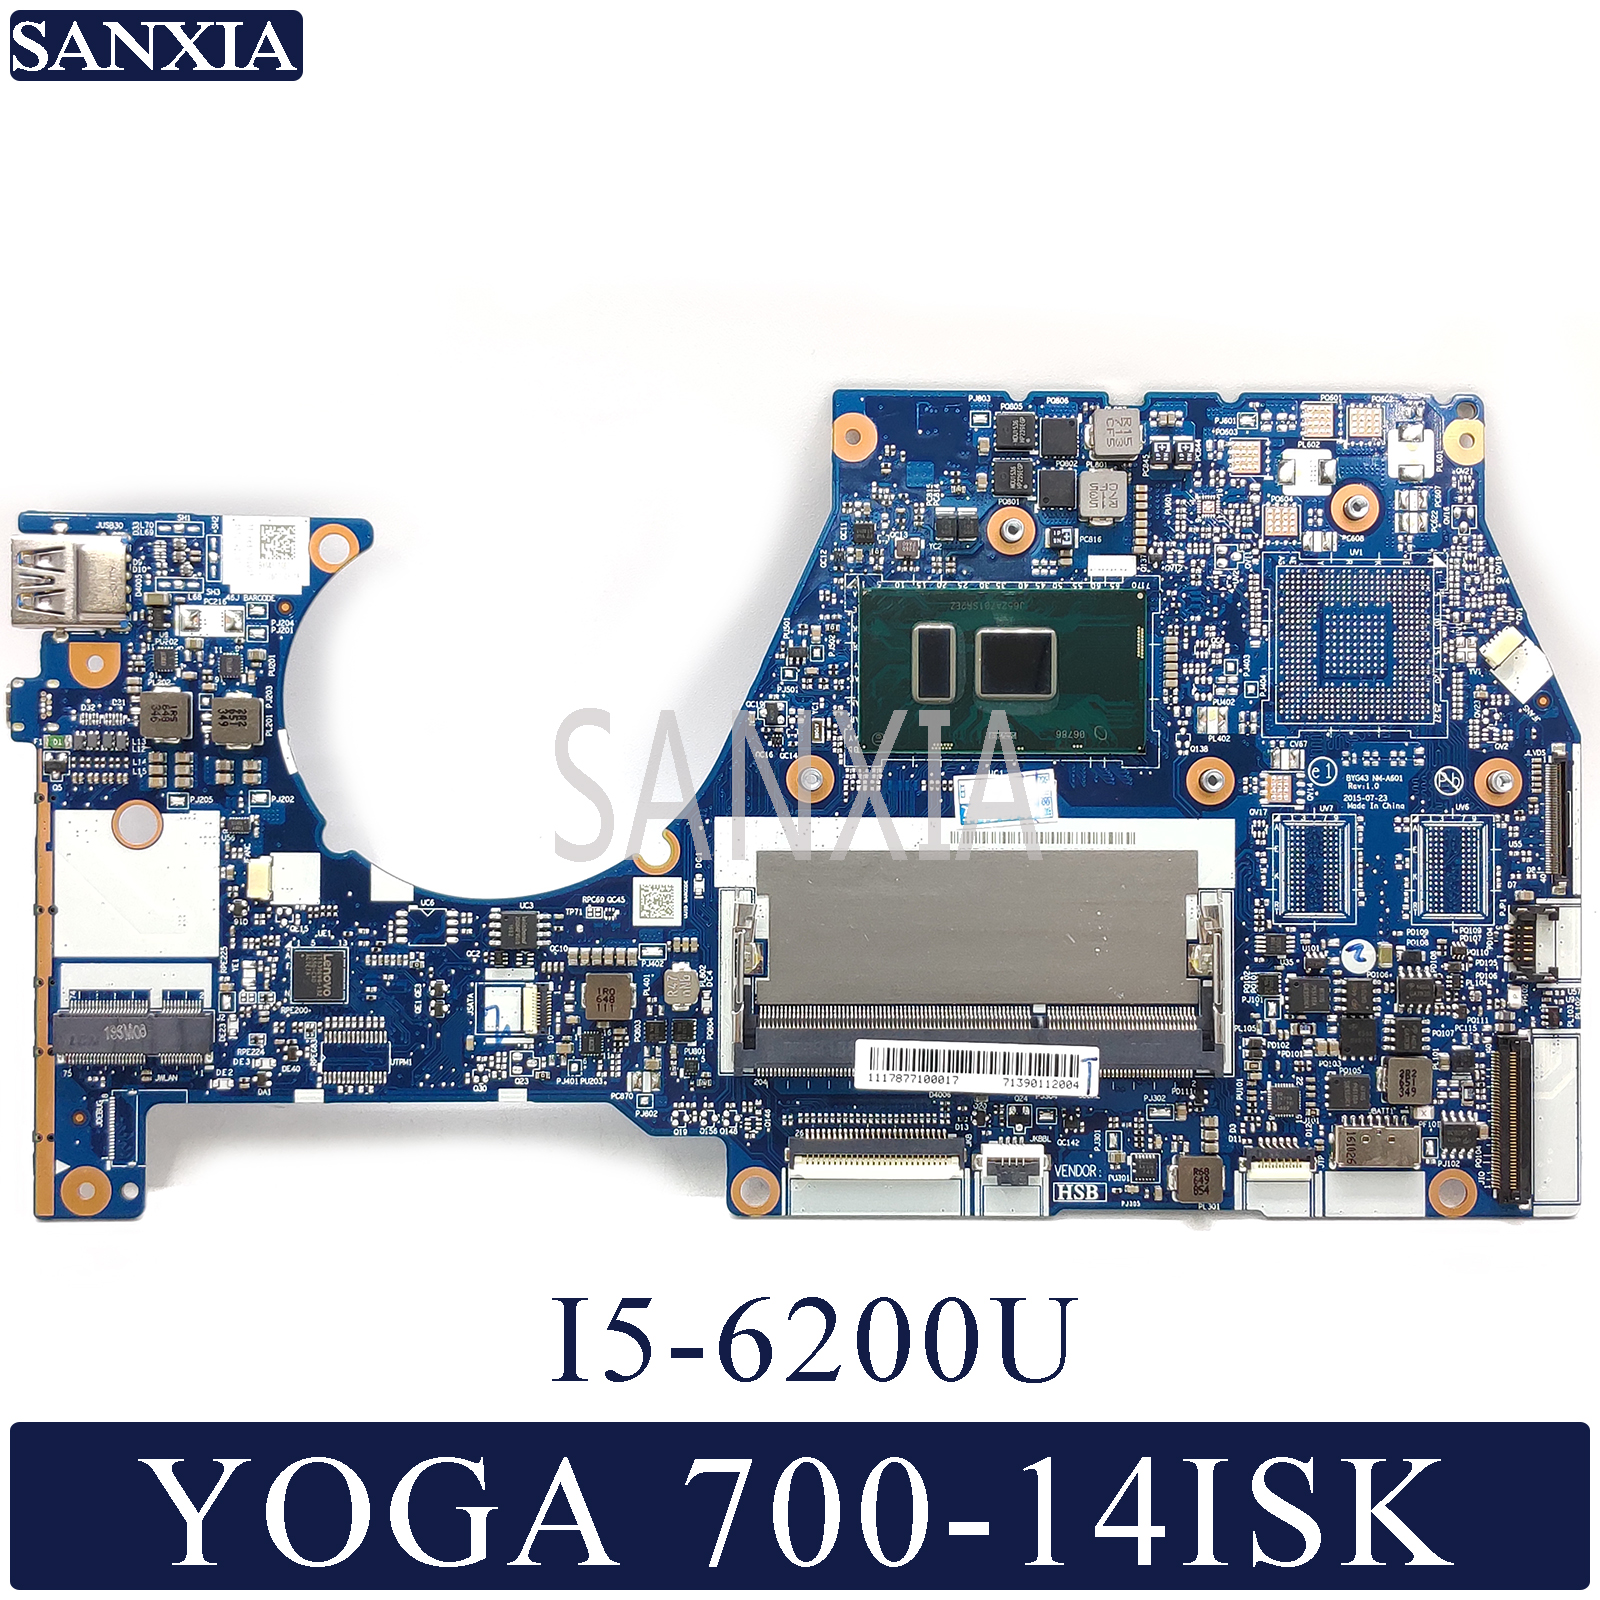 KEFU BYG43 NM-A601 Laptop Motherboard For Lenovo YOGA 700-14ISK Original Mainboard I5-6200U